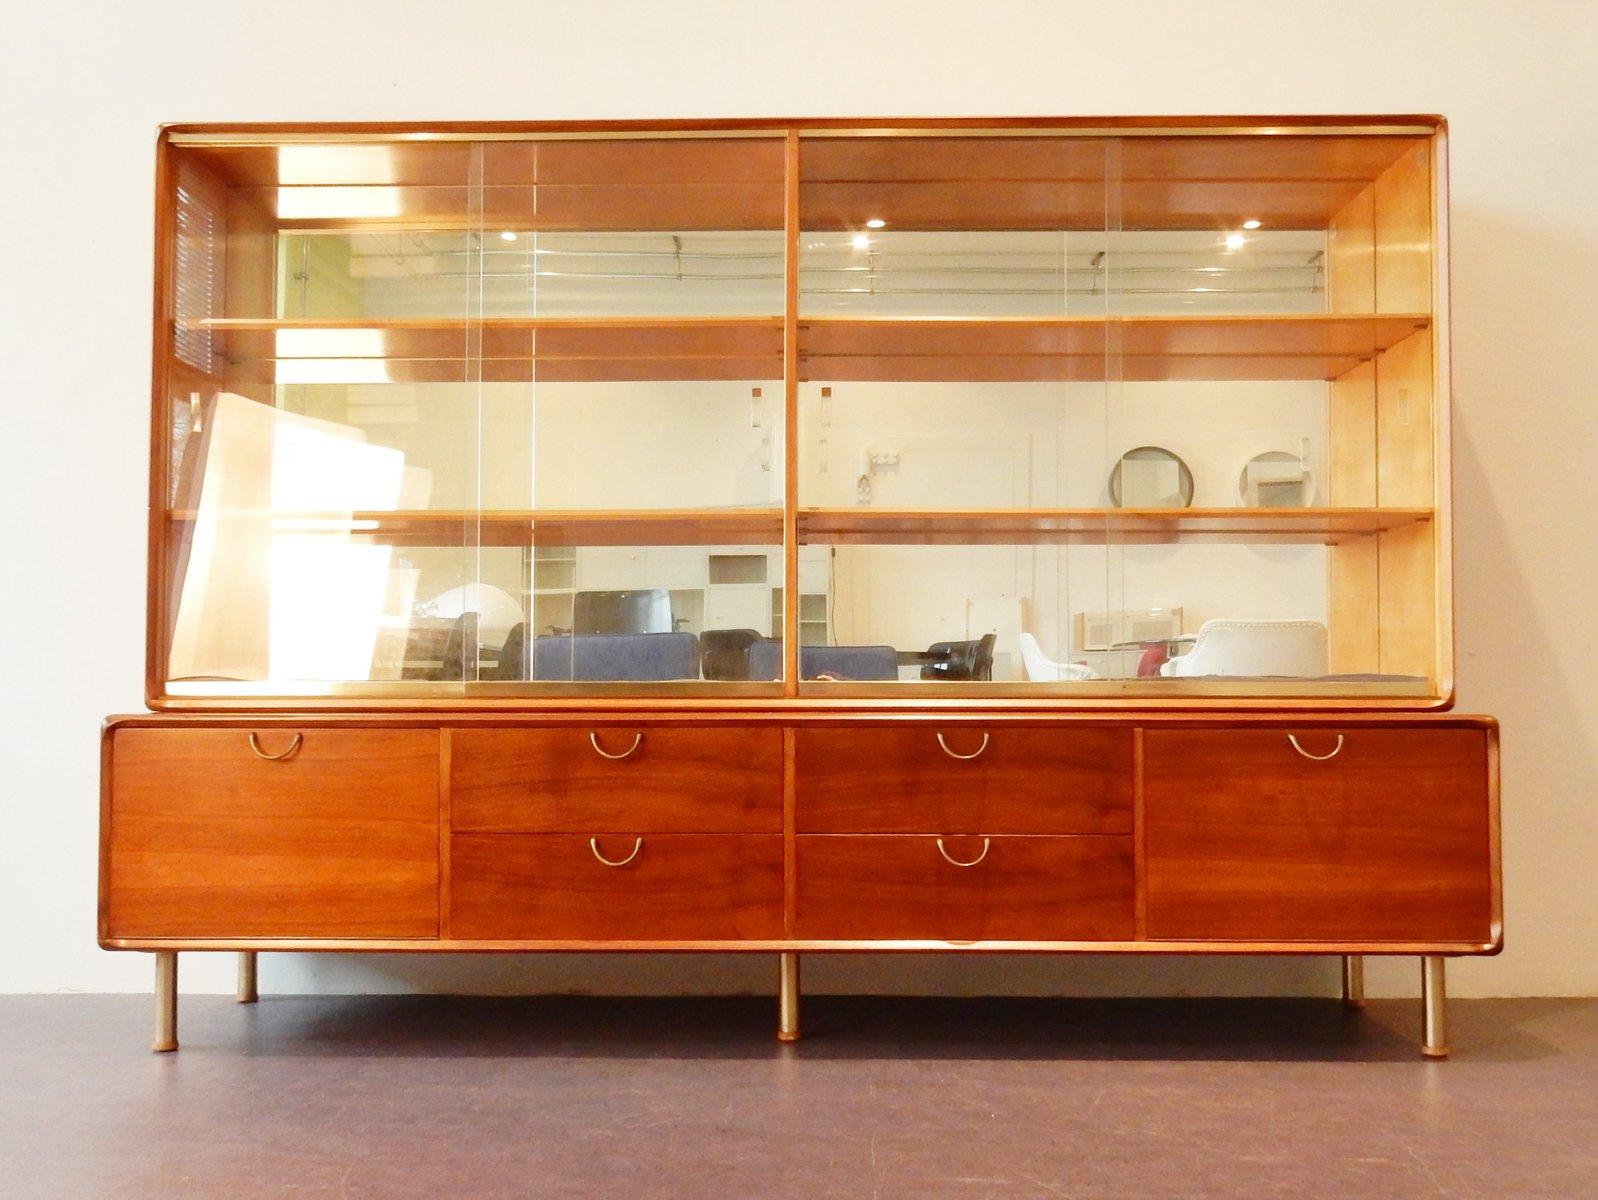 Vetri Per Credenza Anni 50 : Credenza a vetro di a.a. patijn per pastoe anni 50 in vendita su